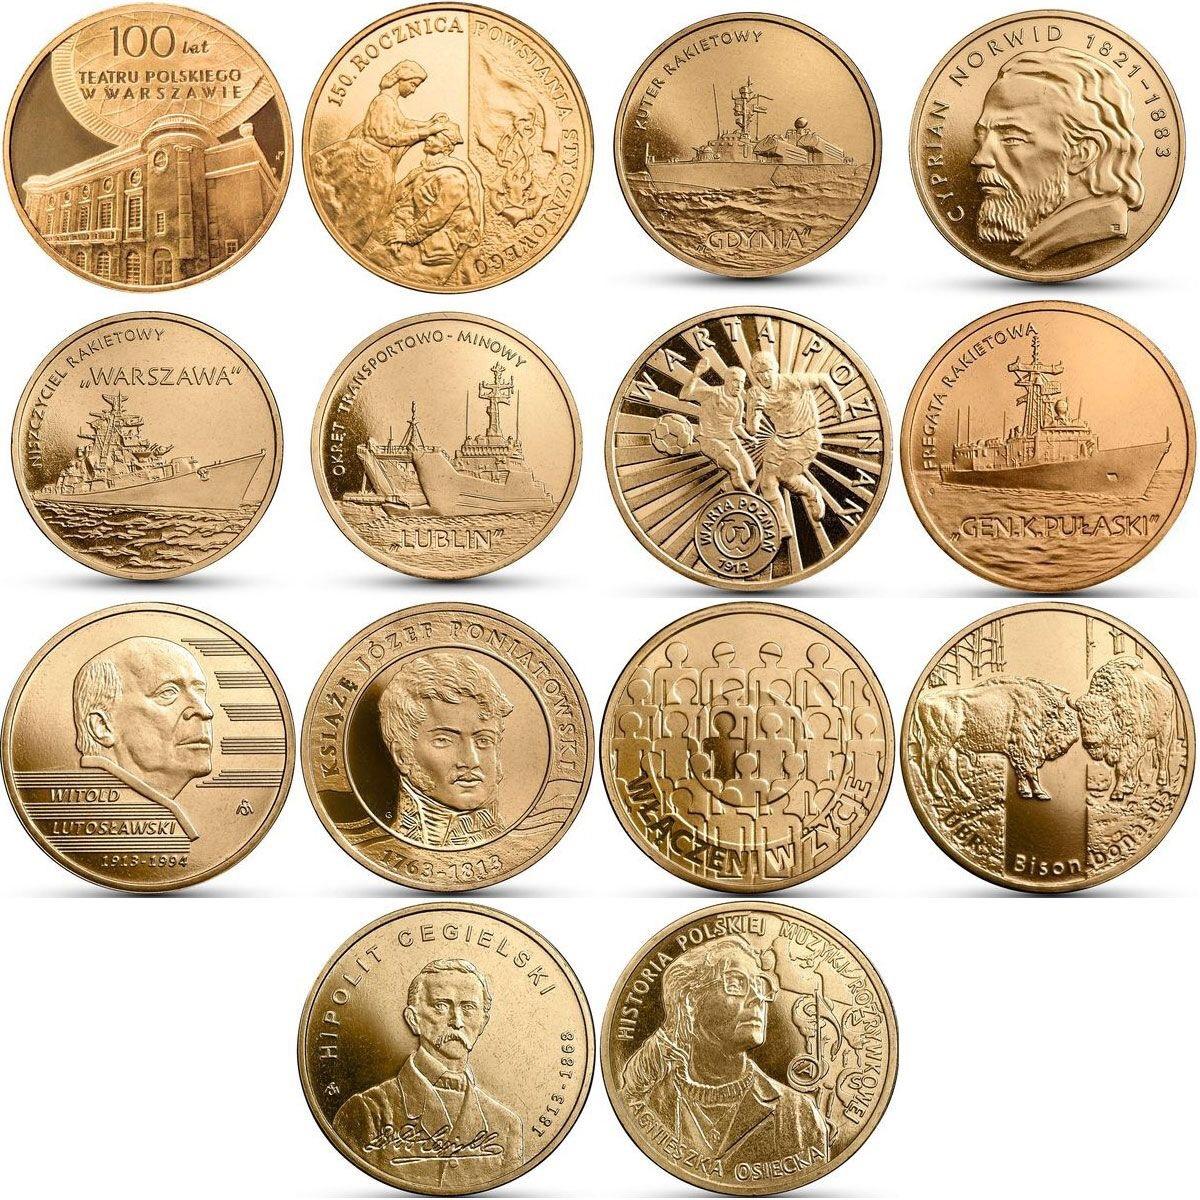 Набор из 14 монет номиналом 2 злотых. Годовой набор. 2013 год, Польша. UNC